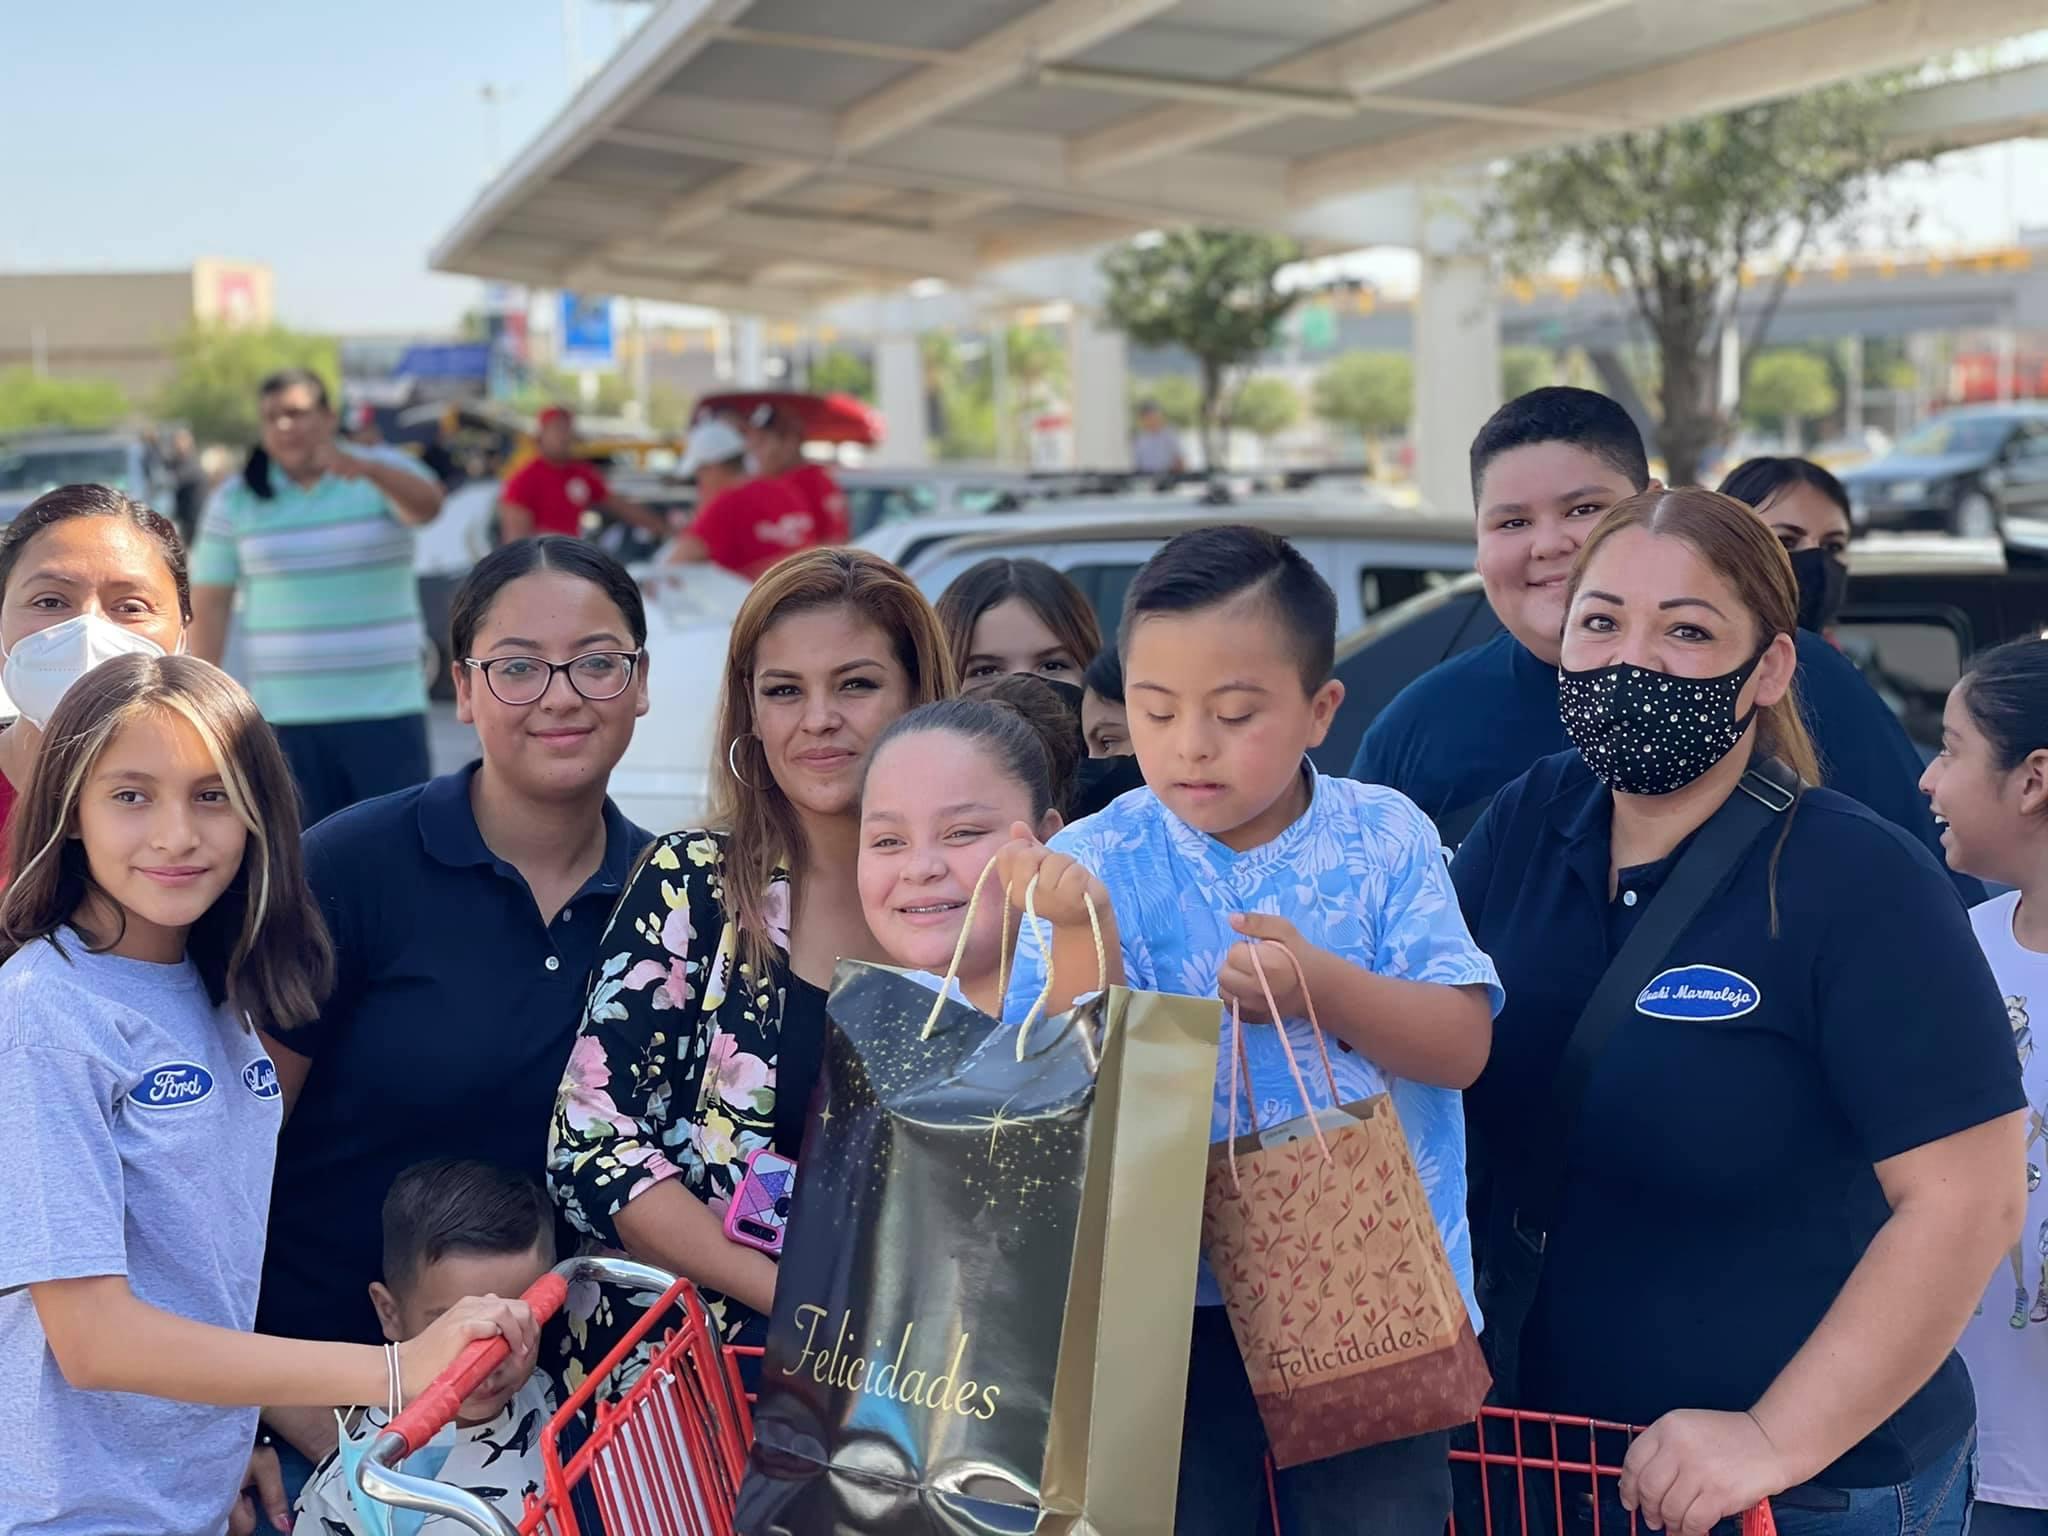 ¡Final feliz! Organizan fiesta de graduación a niño con síndrome de Down en Coahuila